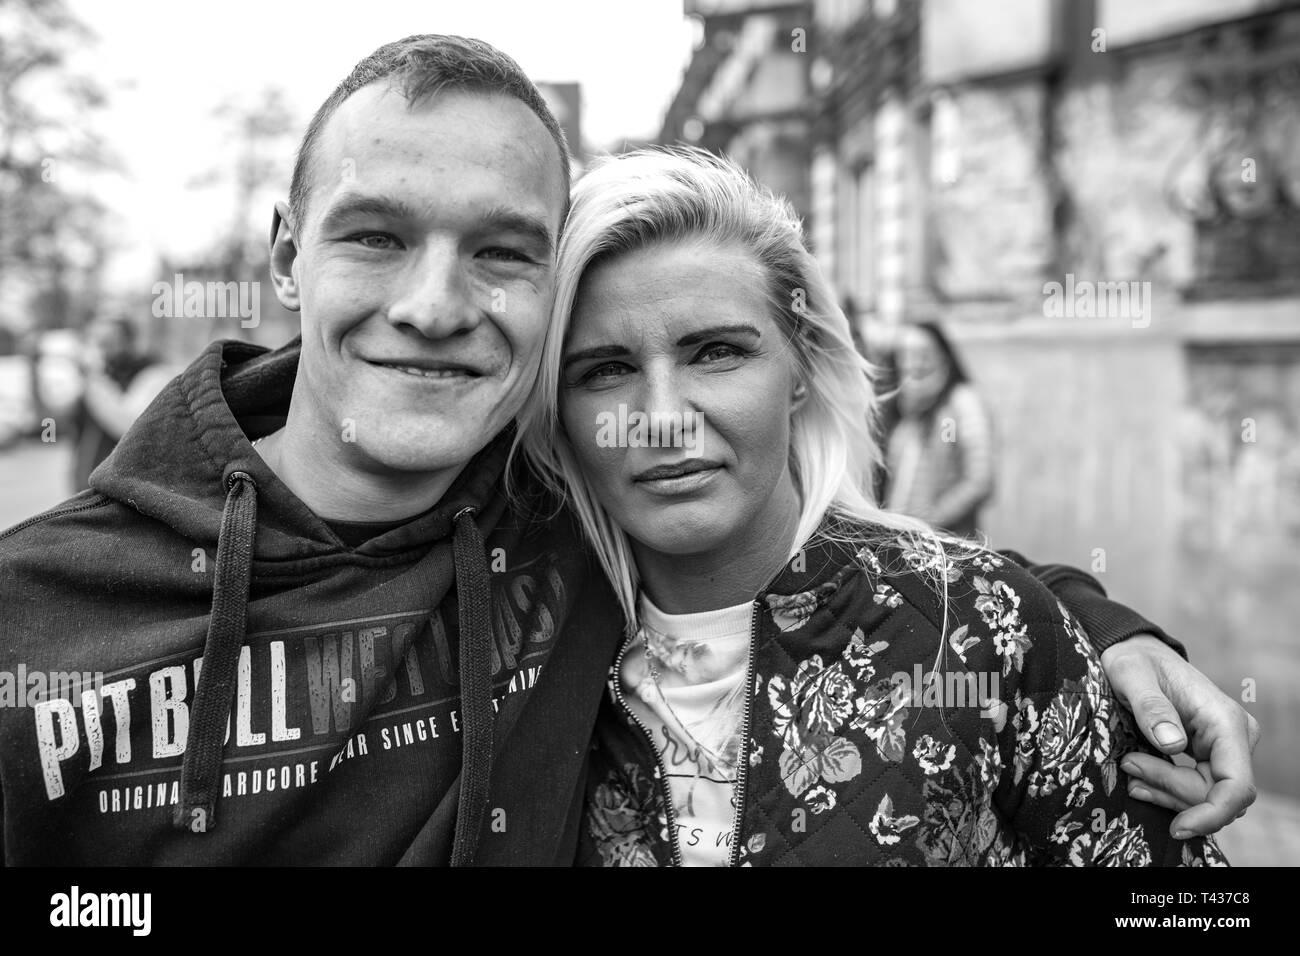 Gniezno/Polen - 04.13.2019: Junges Paar - Gay Parade oder Gleichstellung März und Nationalisten protestieren und kämpfen mit Bereitschaftspolizei Kräfte. Stockbild